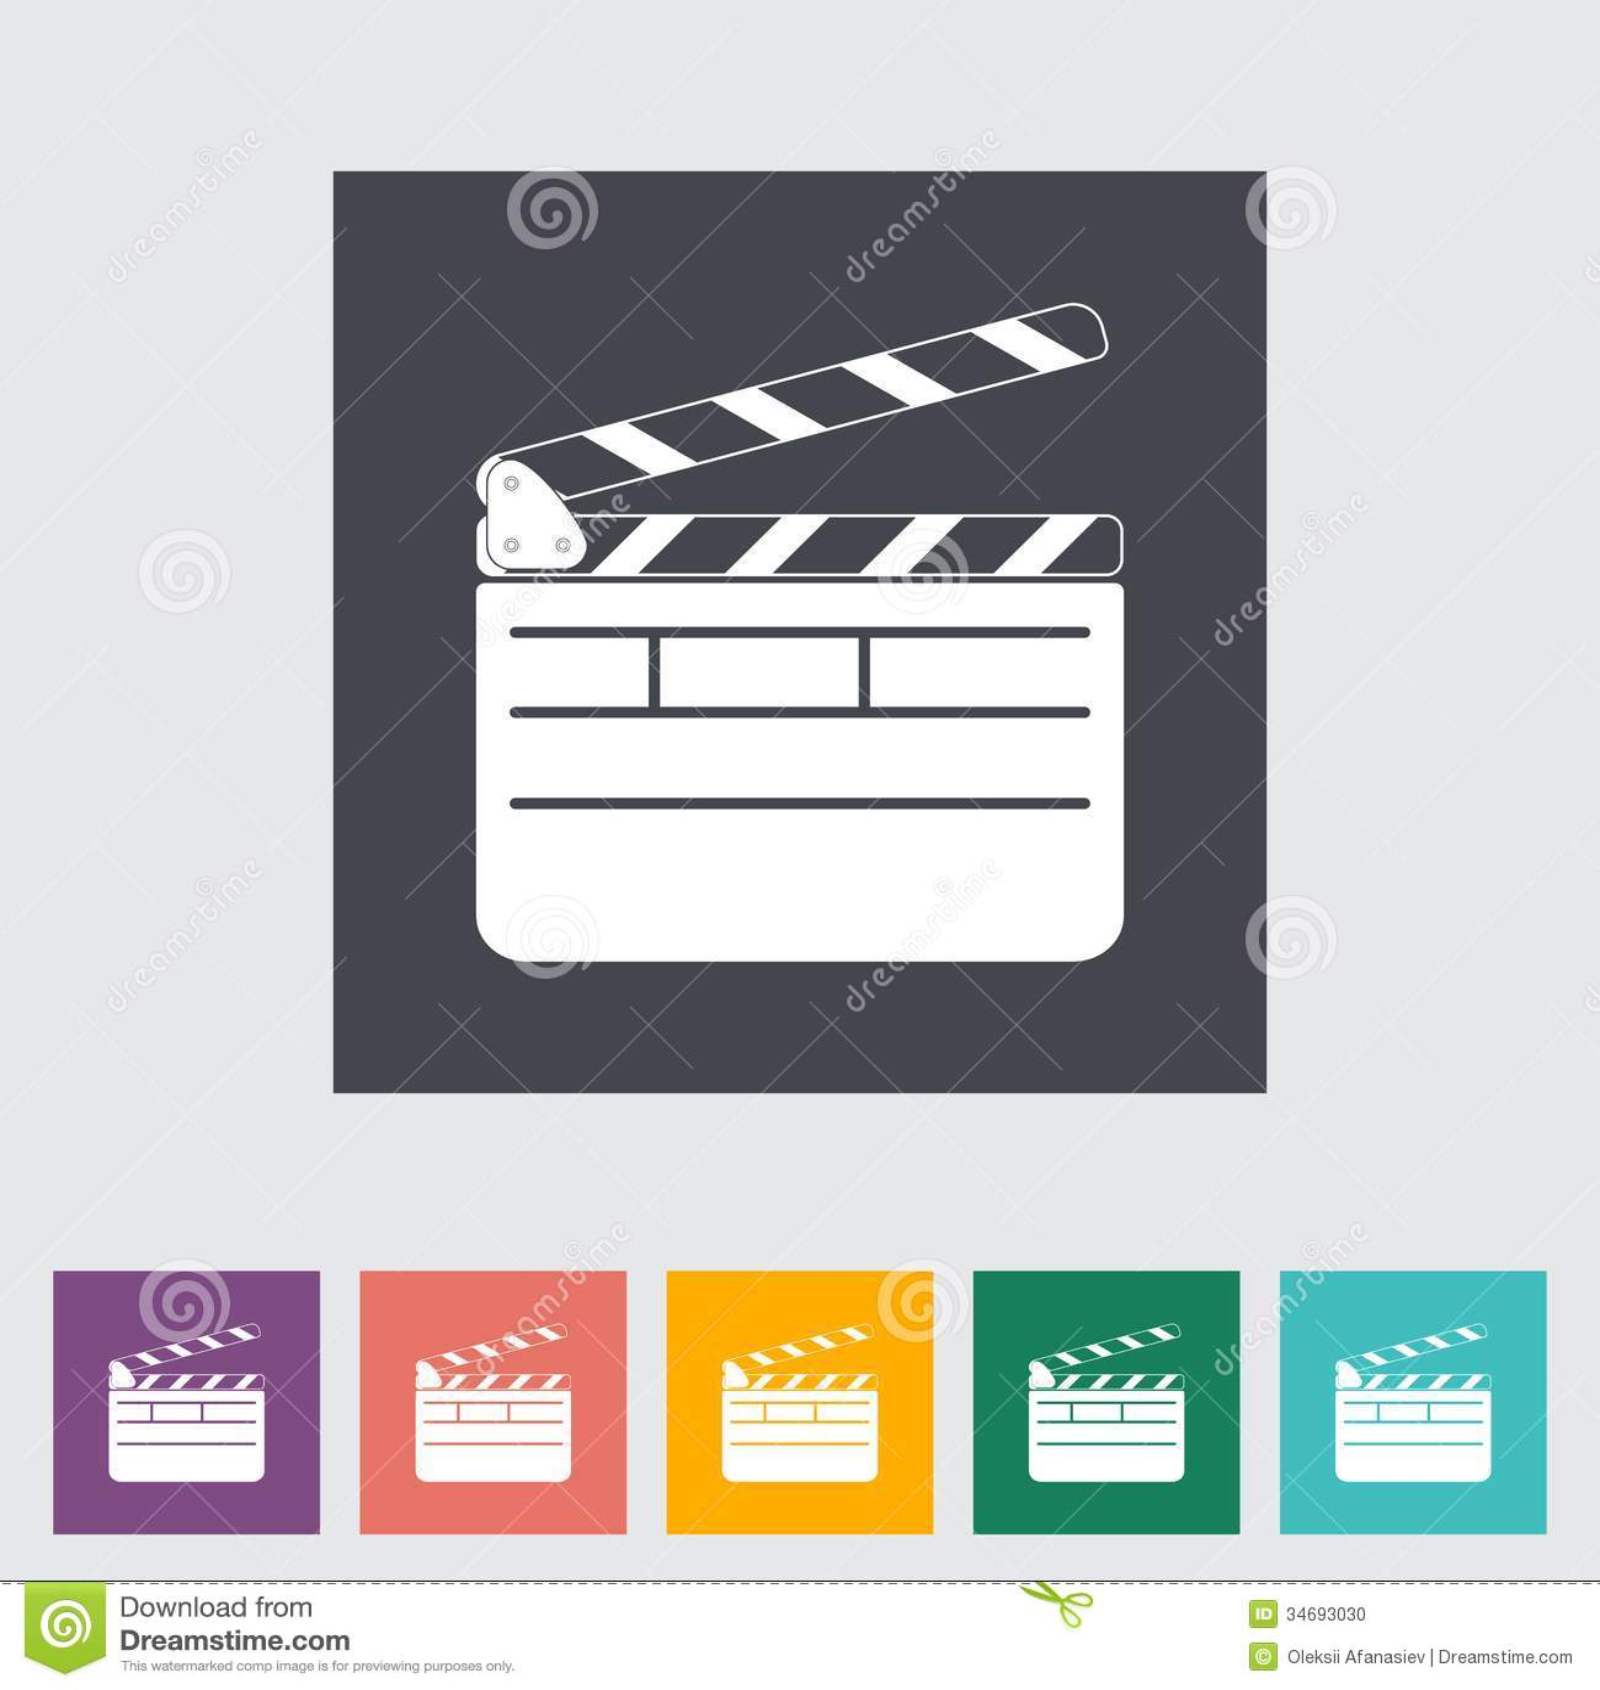 director clapperboard flat icon vector illustration 34693030. Black Bedroom Furniture Sets. Home Design Ideas